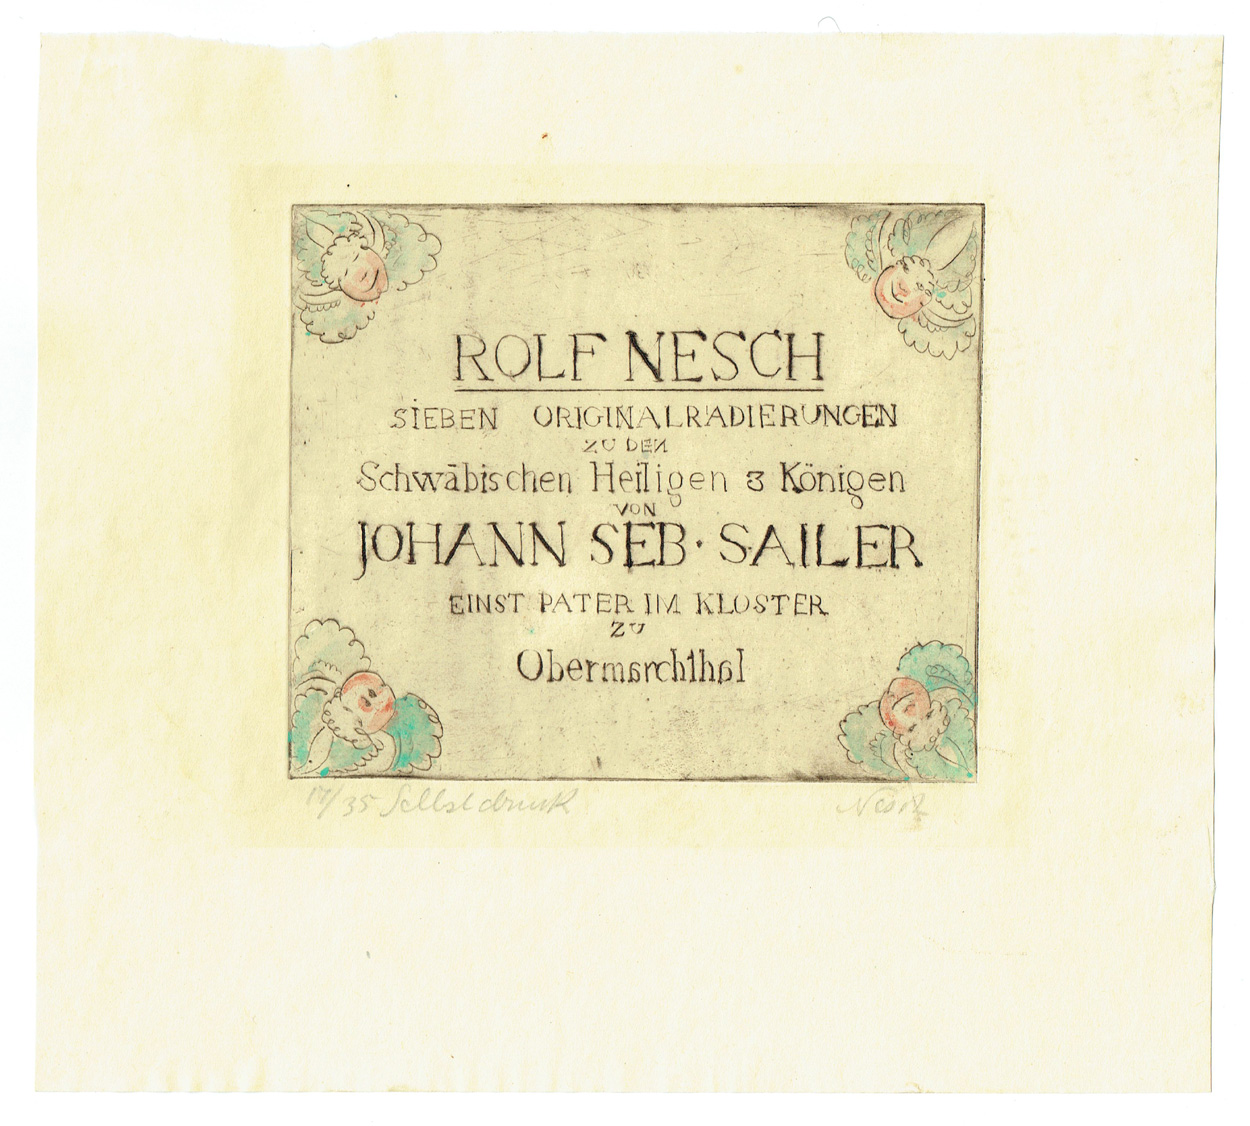 Rolf Nesch, Die schwäbischen Heiligen Drei Könige